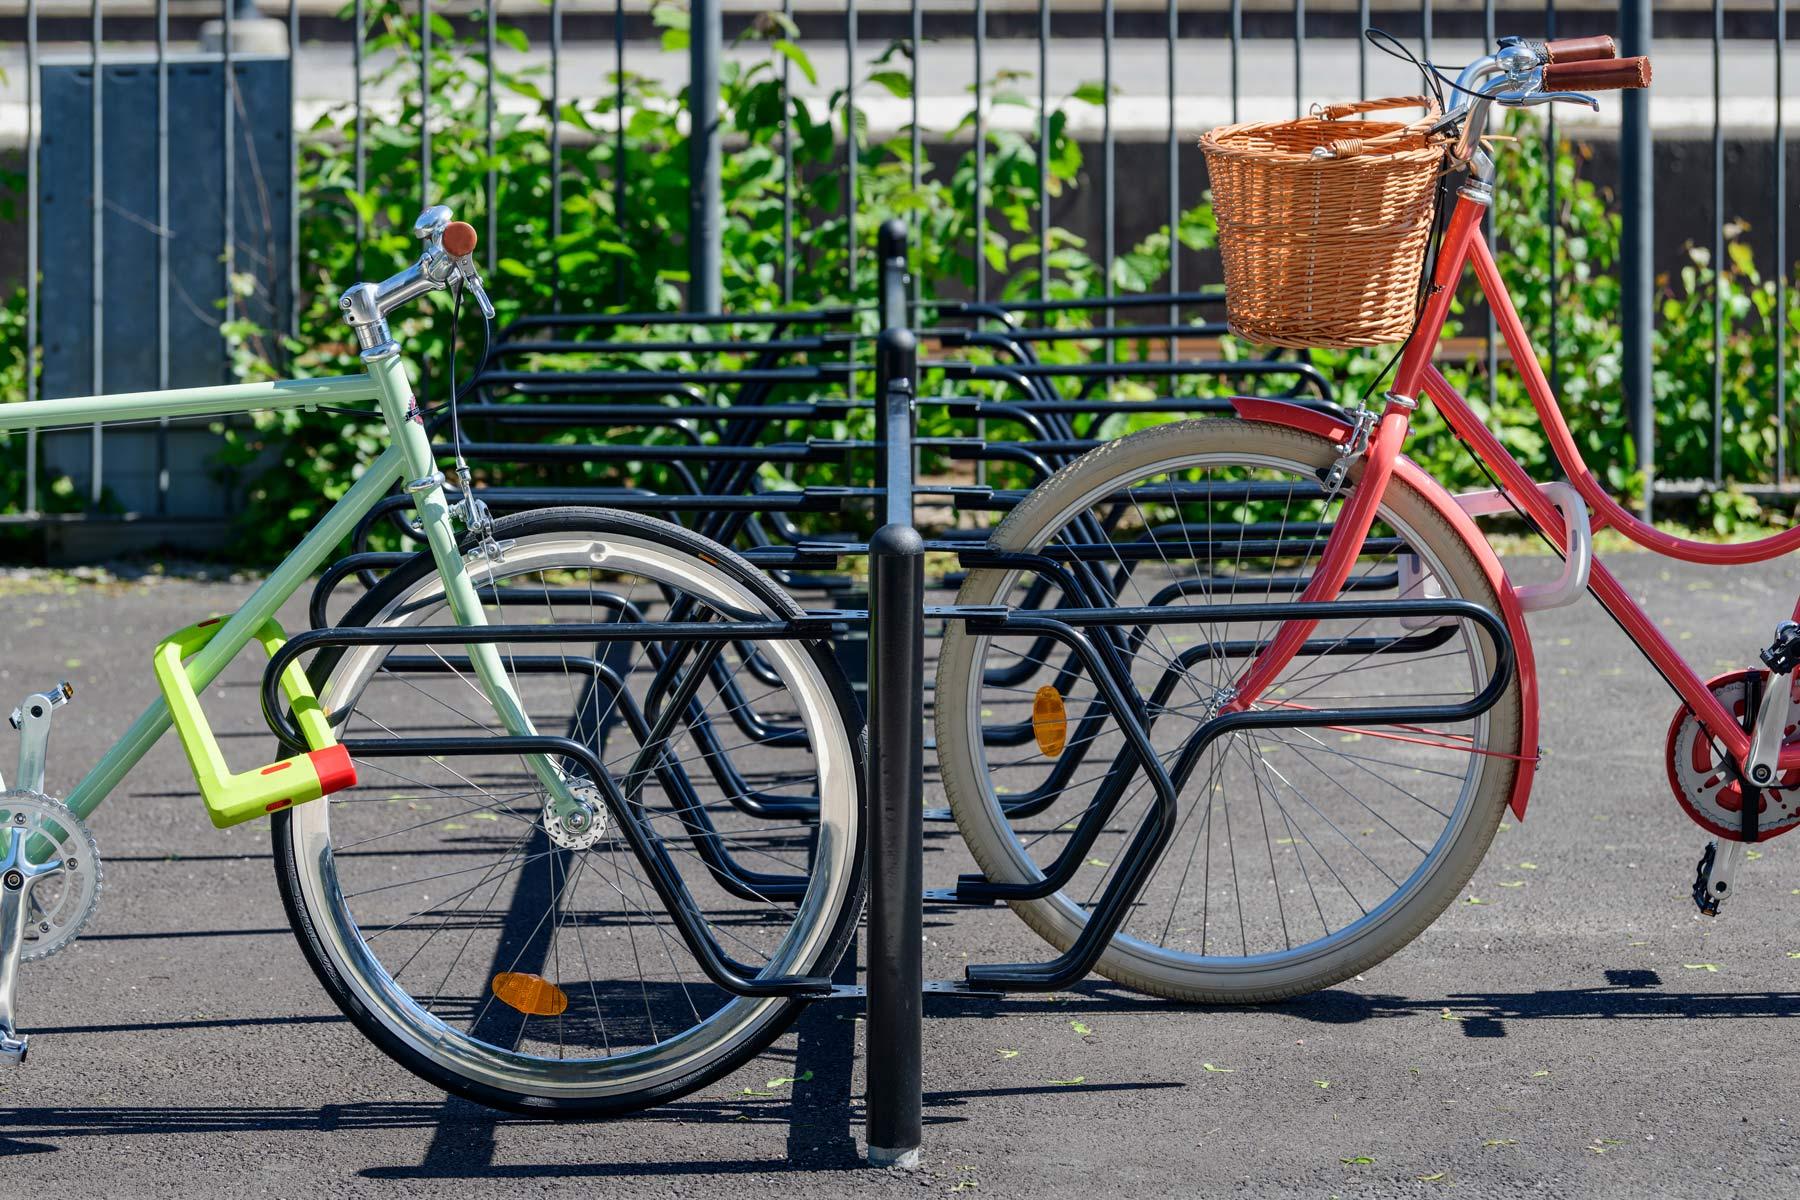 DELTA sykkelstativ med god rammelåsing. Forhjulet på sykkelen kjøres inn i bøylen.